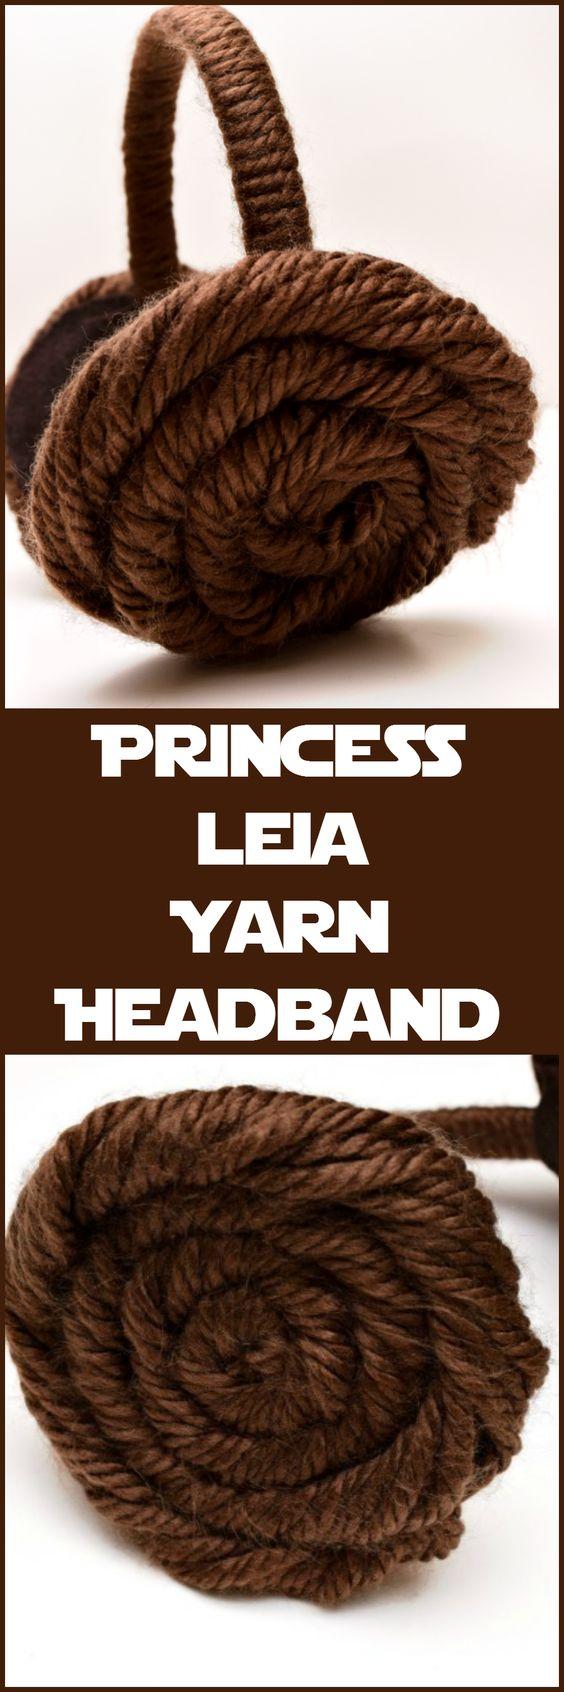 Princess Leia Yarn Headband.